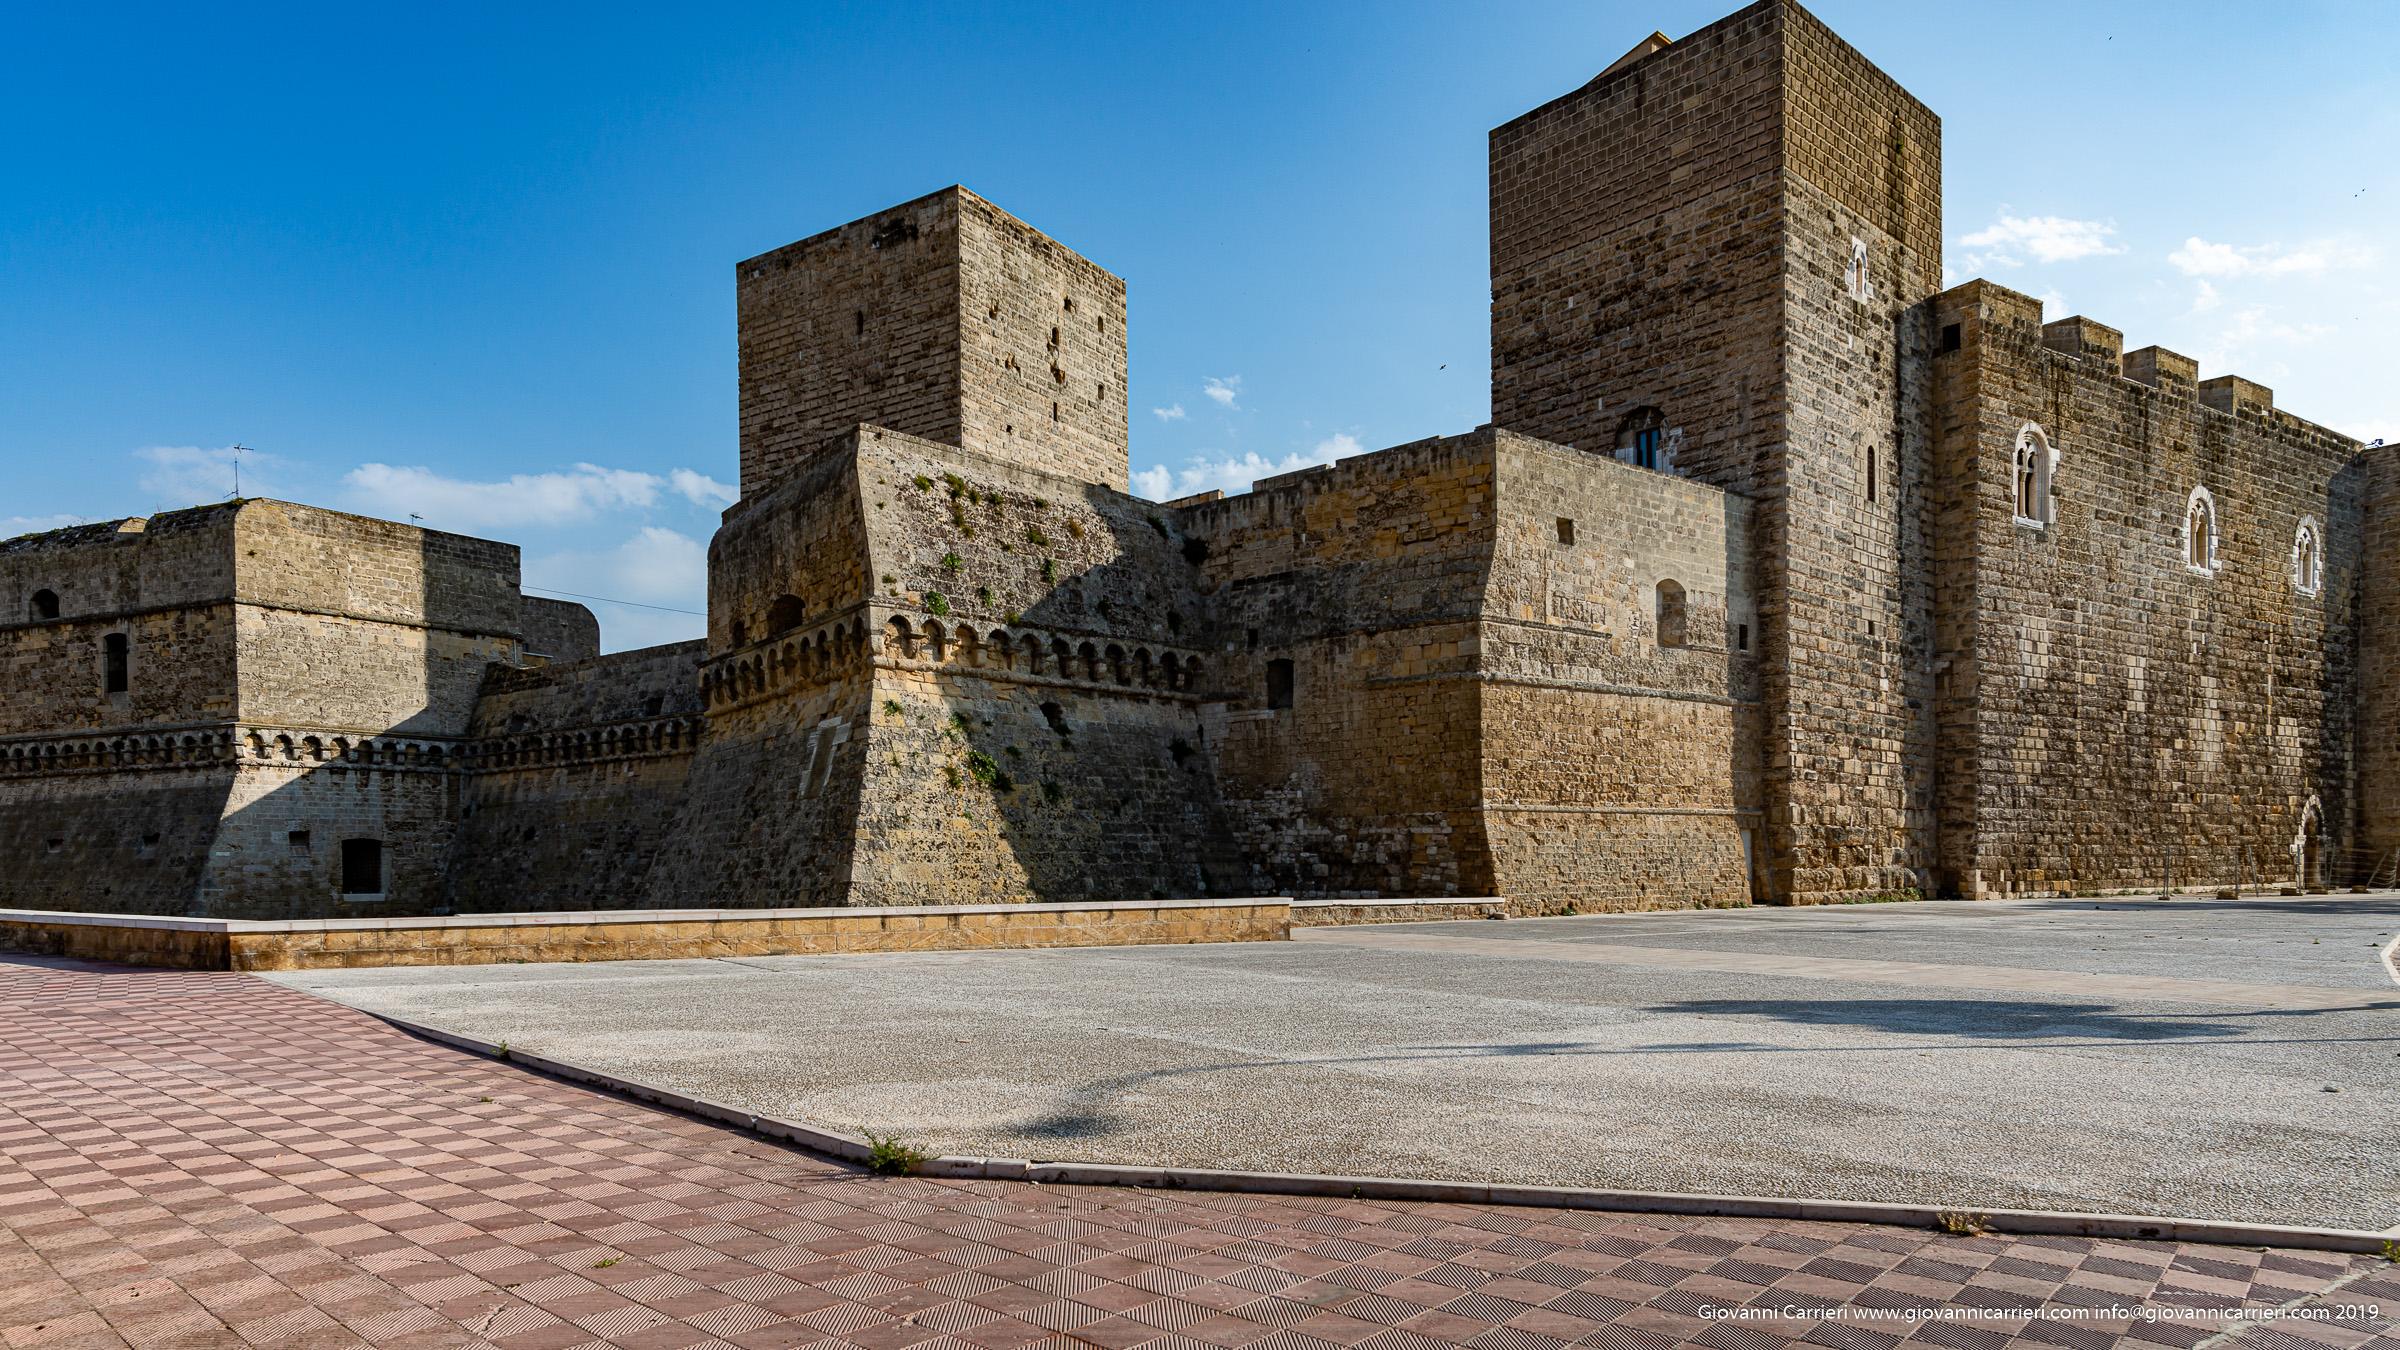 Vista del Castello Normanno Svevo, Bari